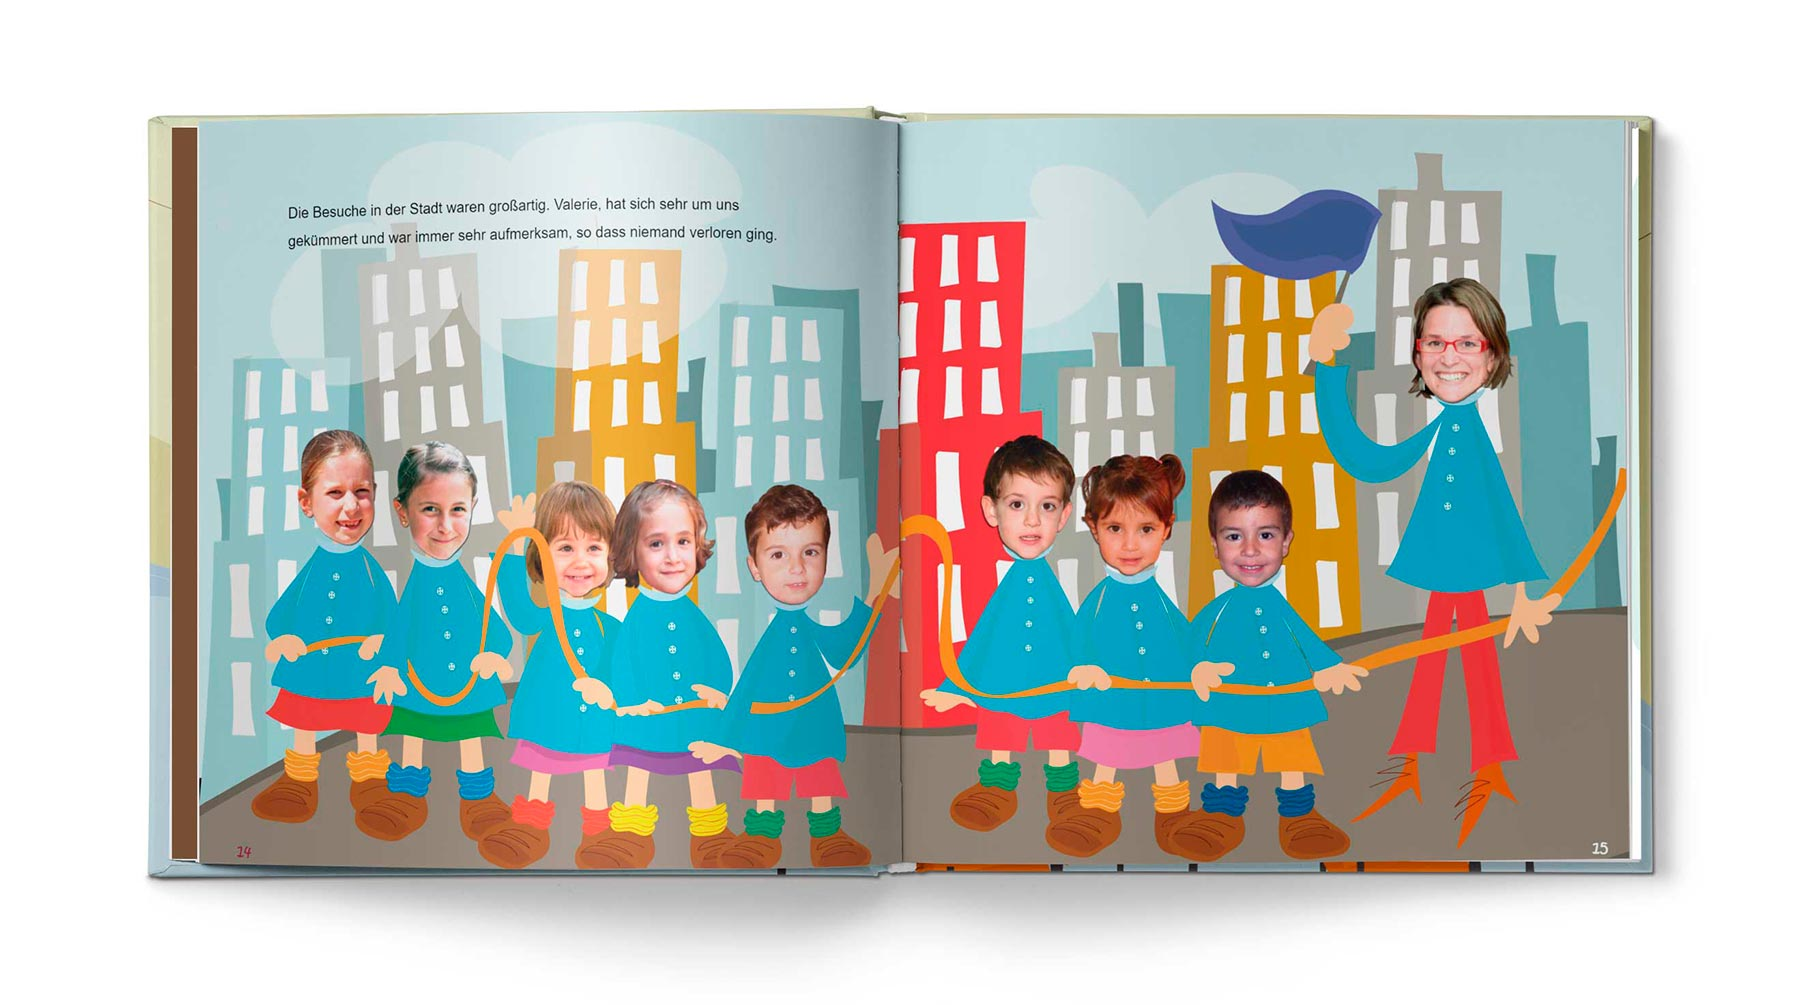 Geschichte Das Schulbuch - Bild 7